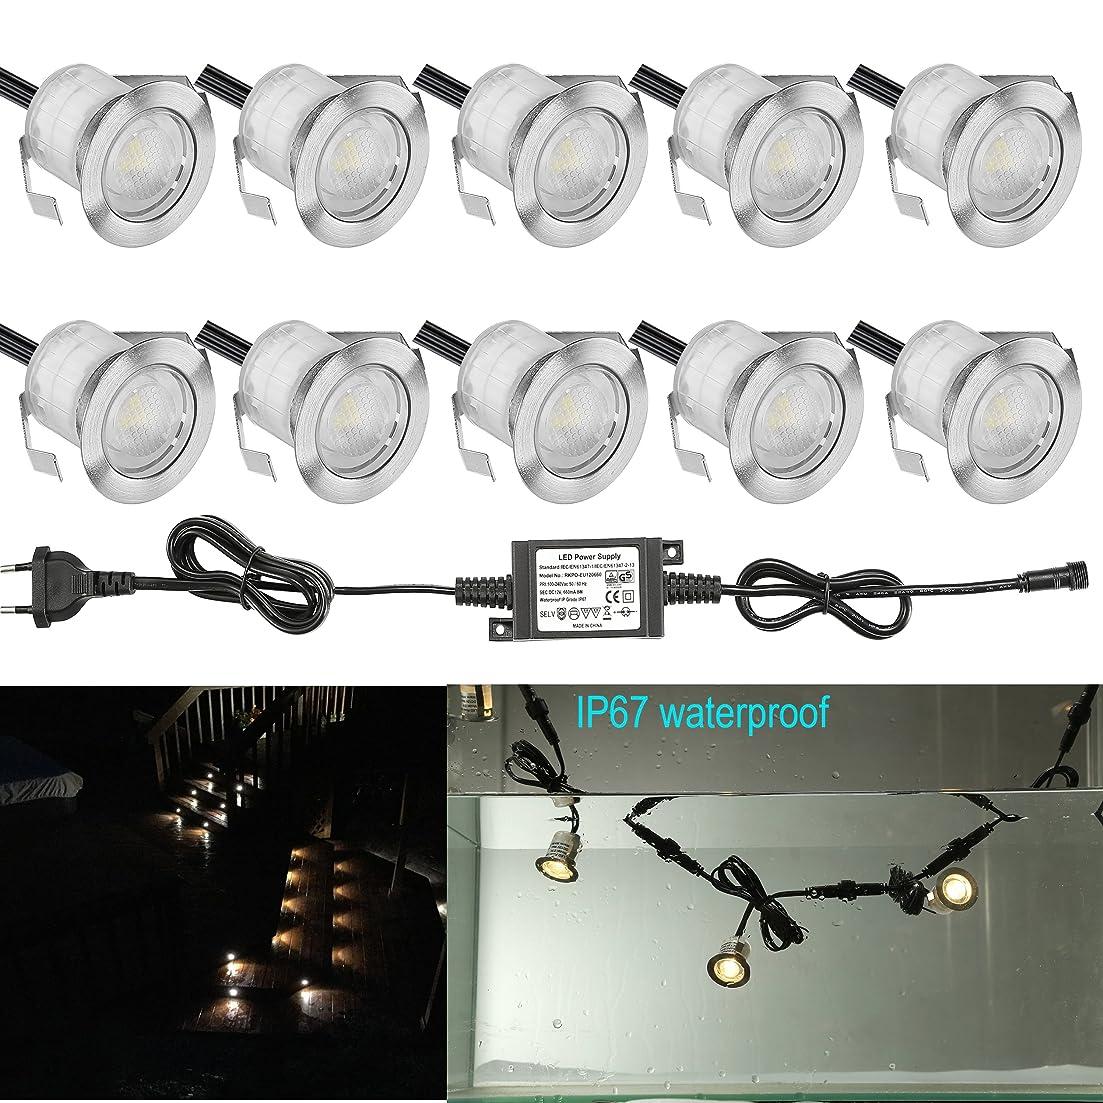 バウンス投げる刈る埋め込み式ライト FVTLED スポットライト 地中埋込型ライト 12V 0.6W IP67防水 LED 照明 高輝度 省電力 複数延長可能 ガーデン 庭 屋外用 (20個セット, ウォームホワイト)